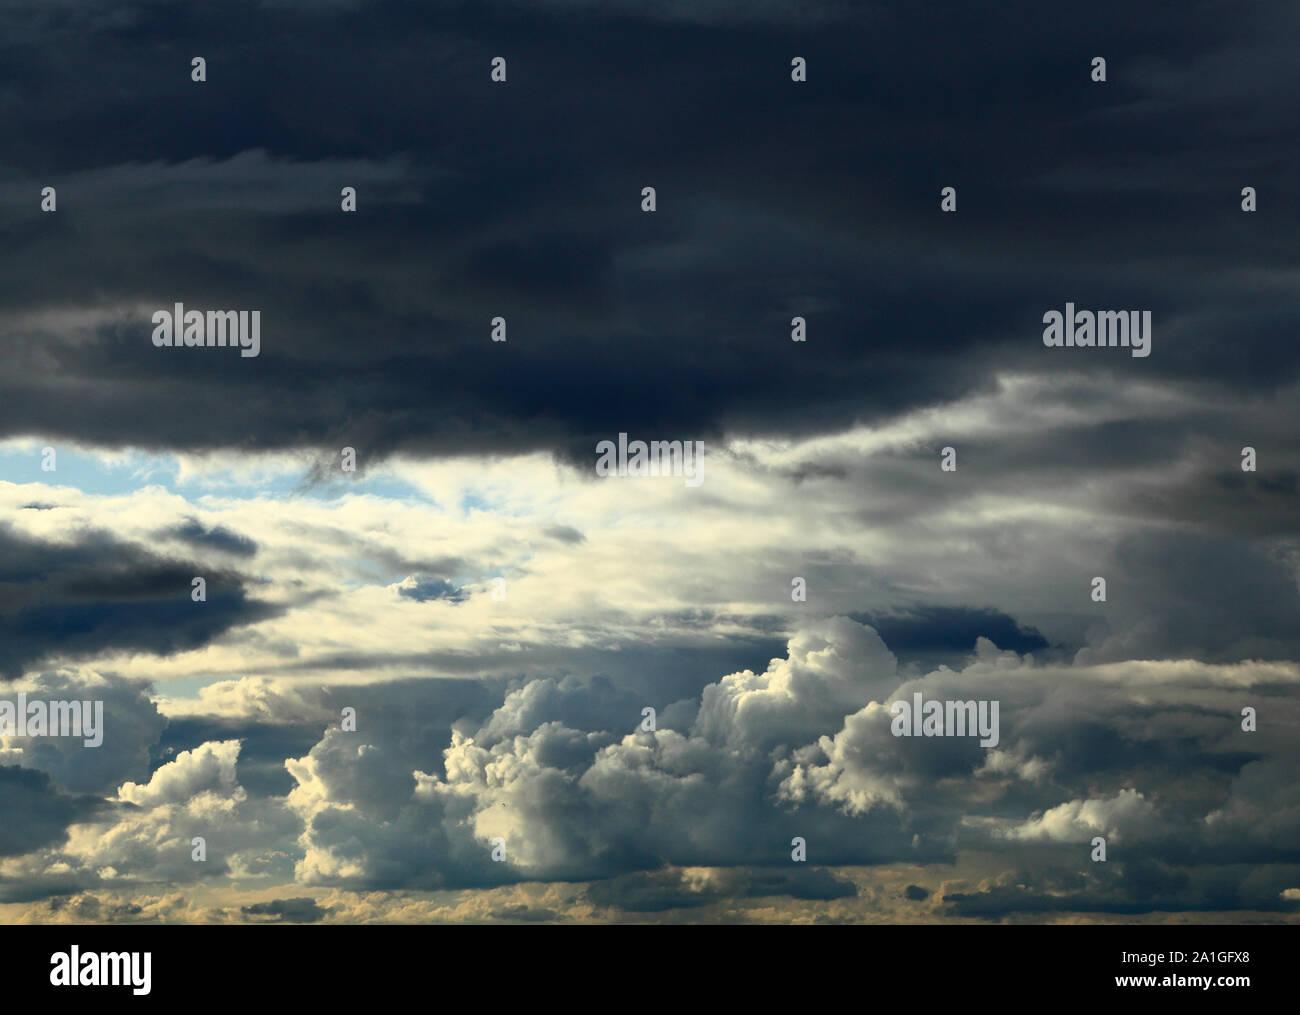 Oscuro, nubes, nubes, cielo tormentoso, cielos, formación, rodamiento de lluvia, amenazando, meteorología Foto de stock